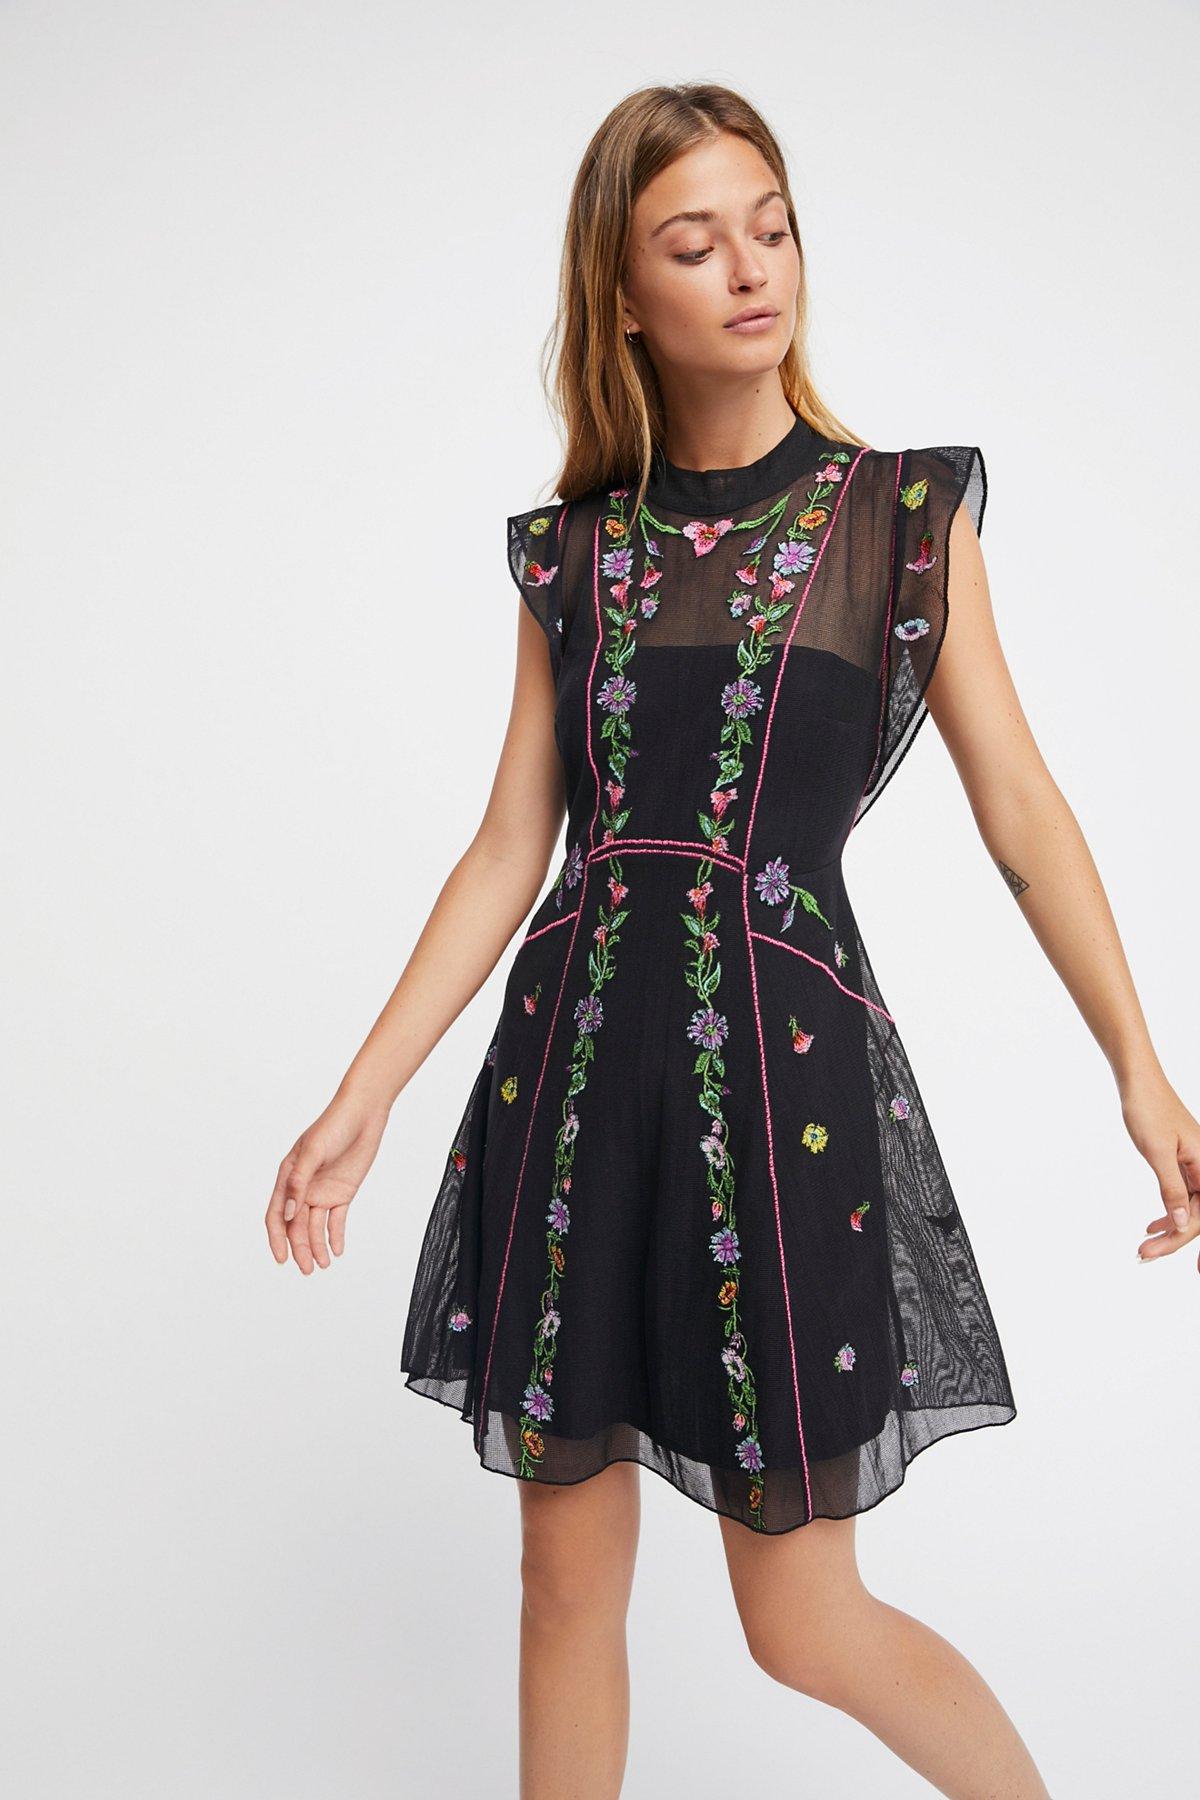 Riviera Mini Dress